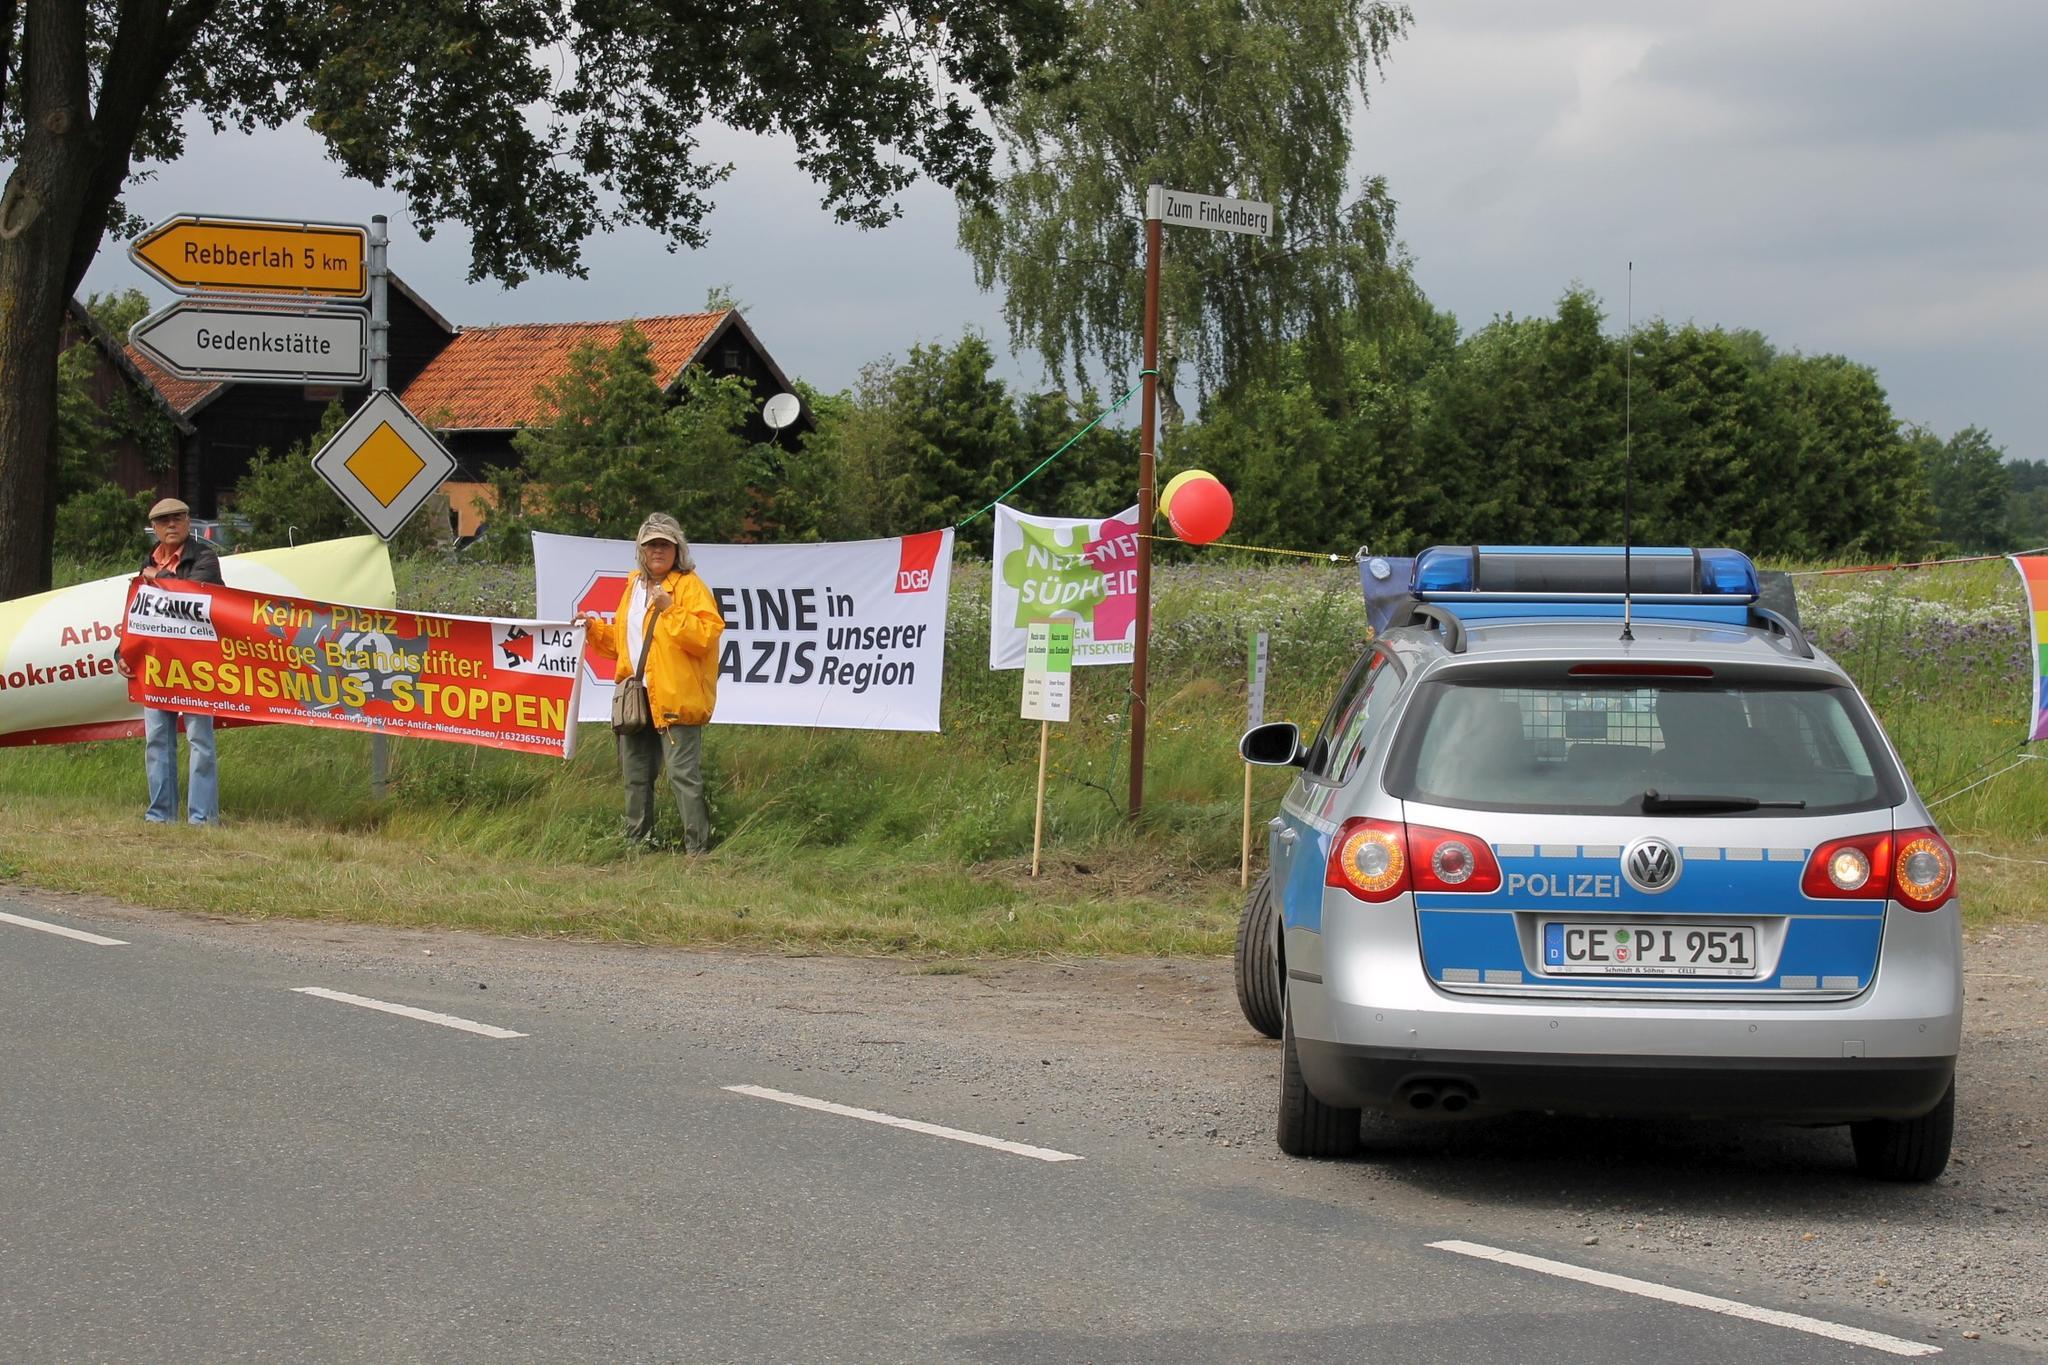 Demo in Eschede 24.06.2017